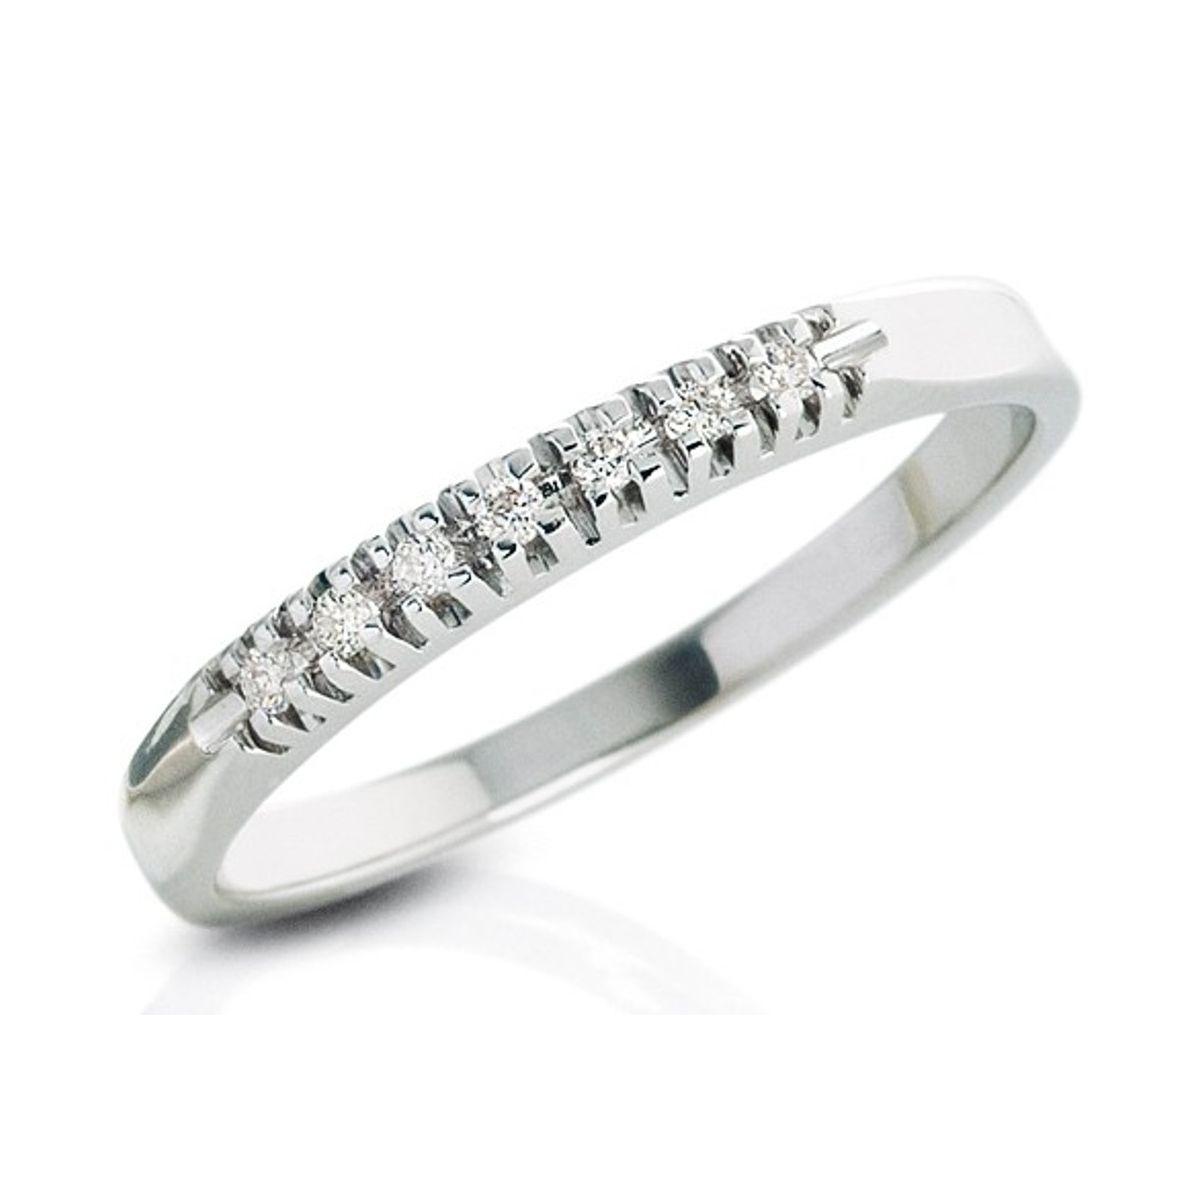 Anello Veretta DonnaOro DKAV0638.007 in Oro Bianco e Diamanti